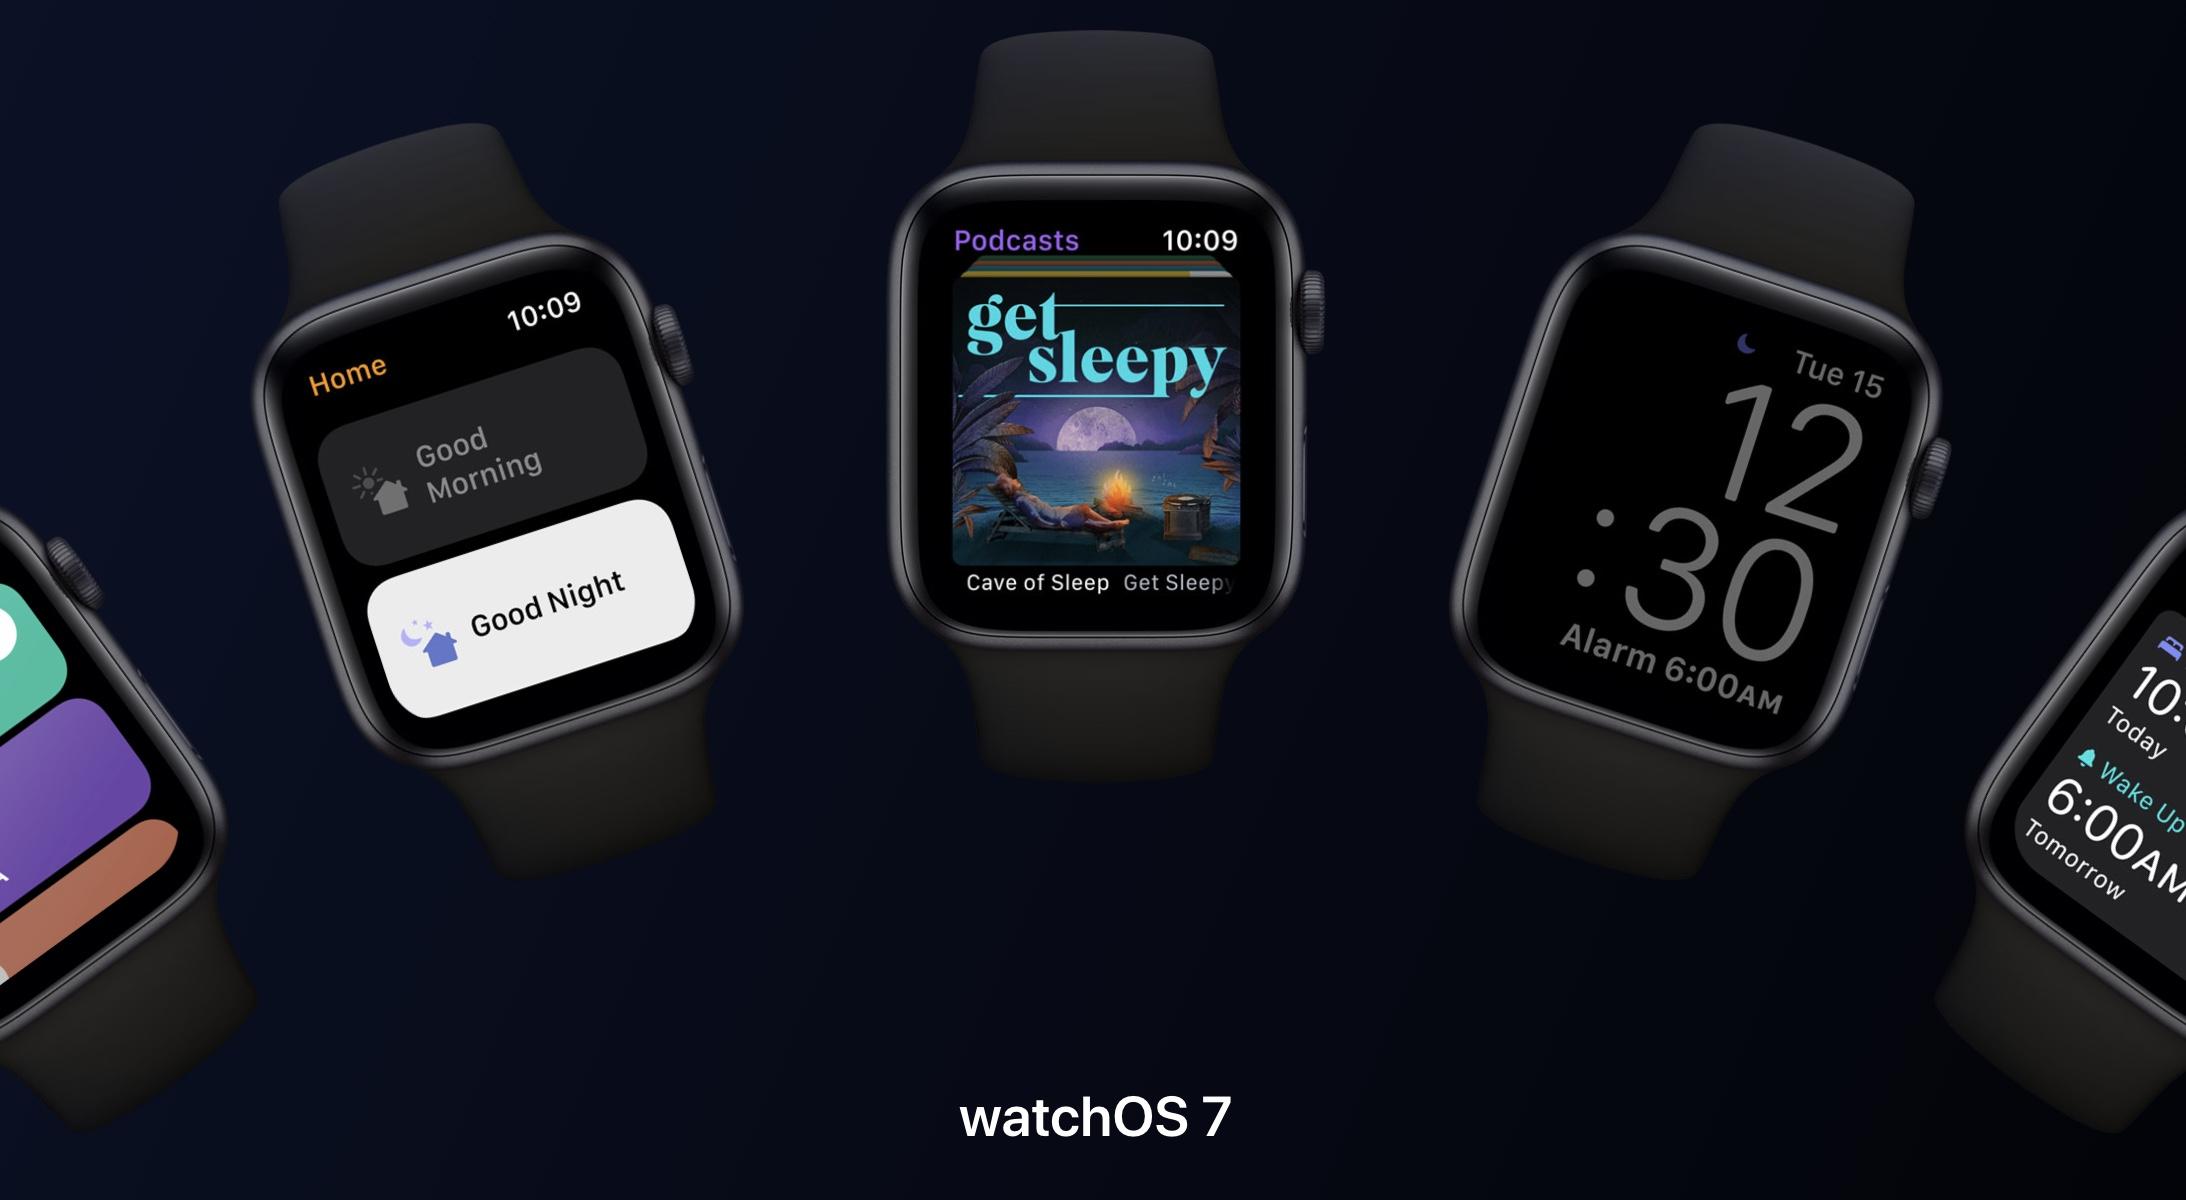 watchOS 7.2 developer beta